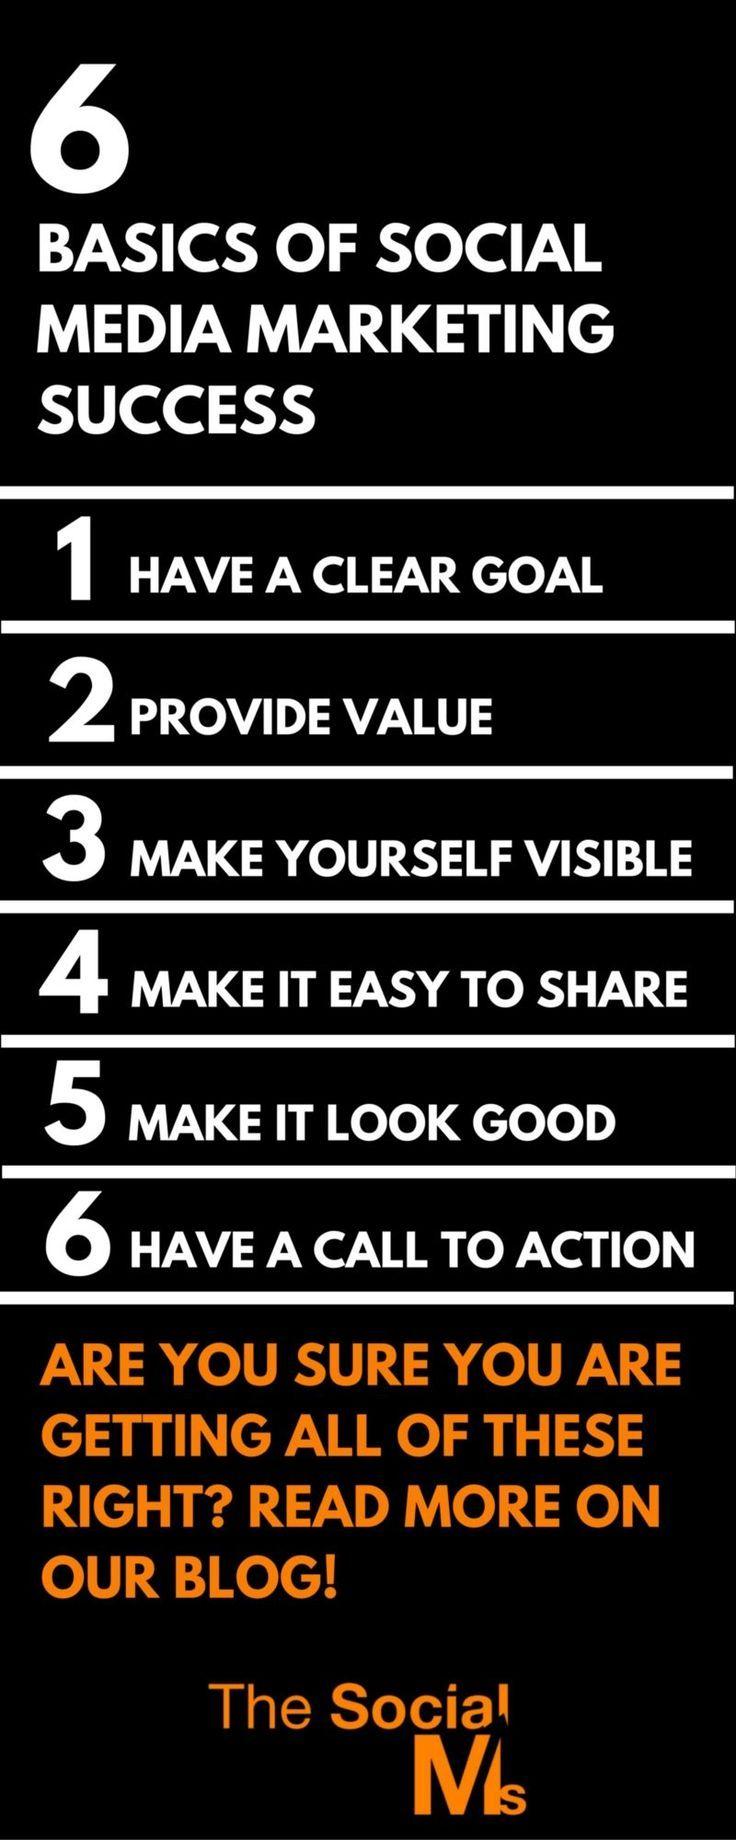 Basics of Social Media Marketing Success